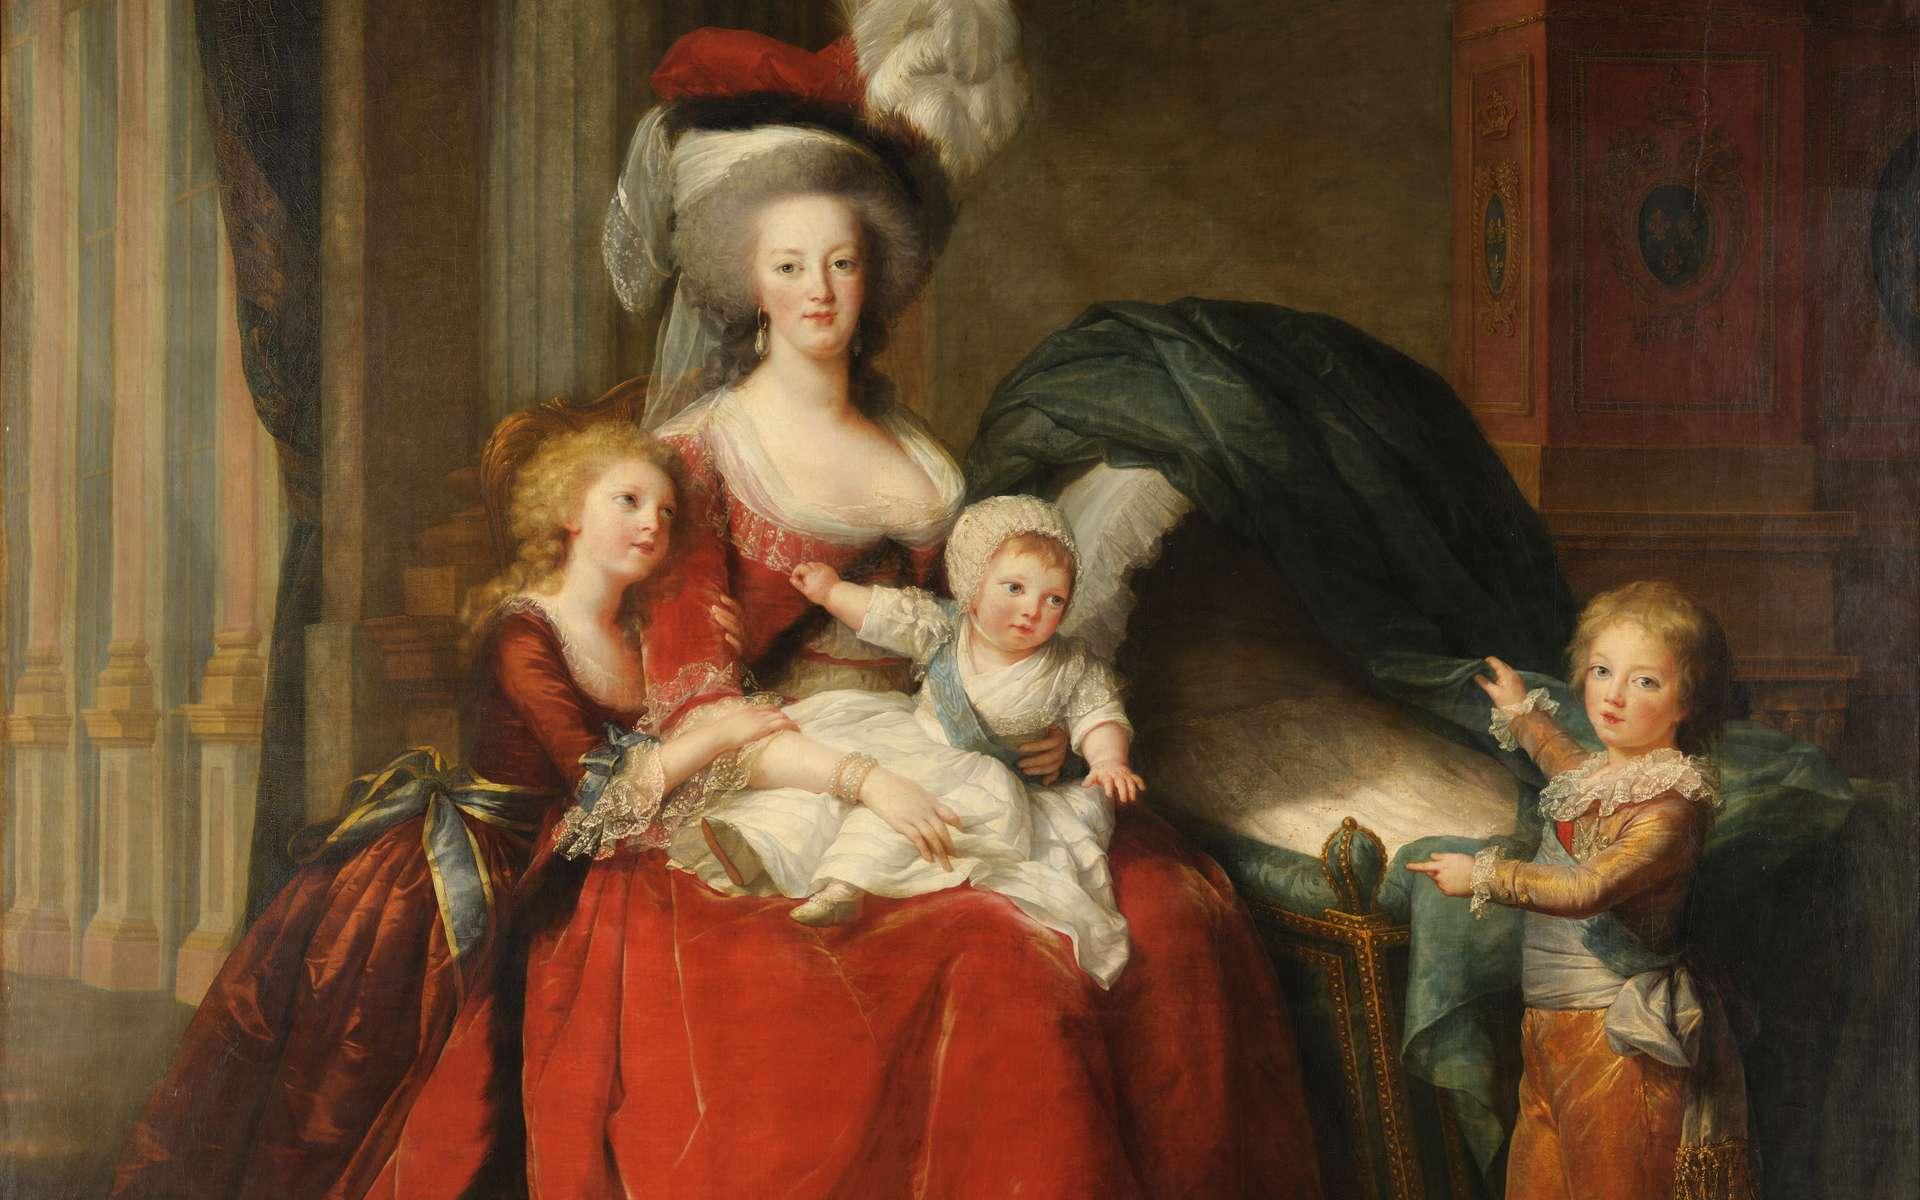 Les trois enfants de Marie-Antoinette et le berceau représentant la benjamine, décédée à 11 mois. © Wikimedia Commons, Domaine public